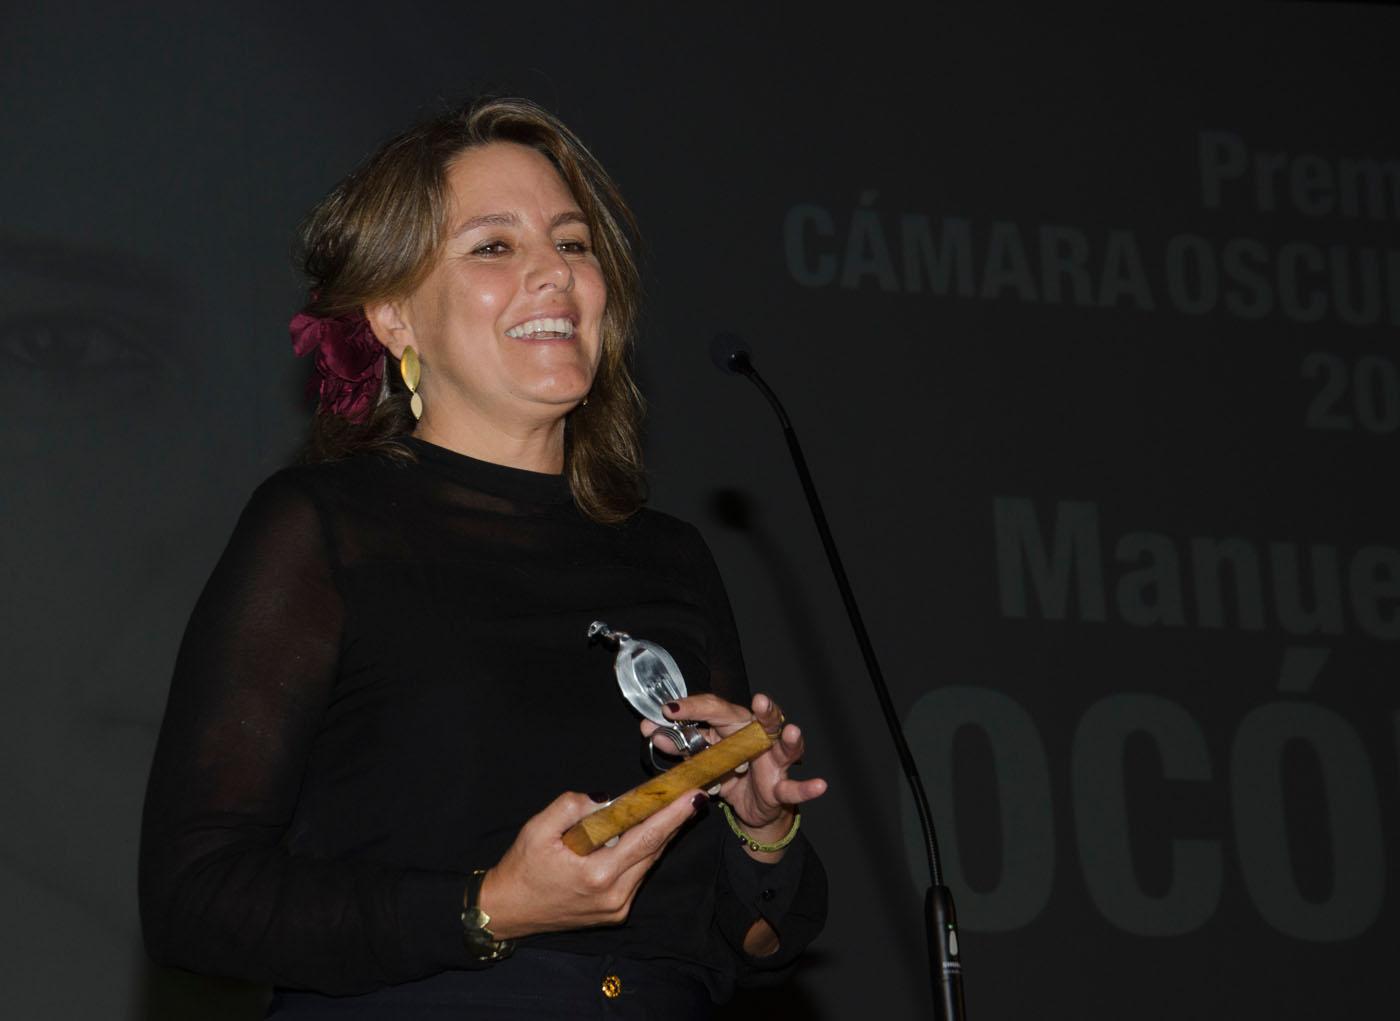 Manuela Ocón, premio Cámara Oscura 2019